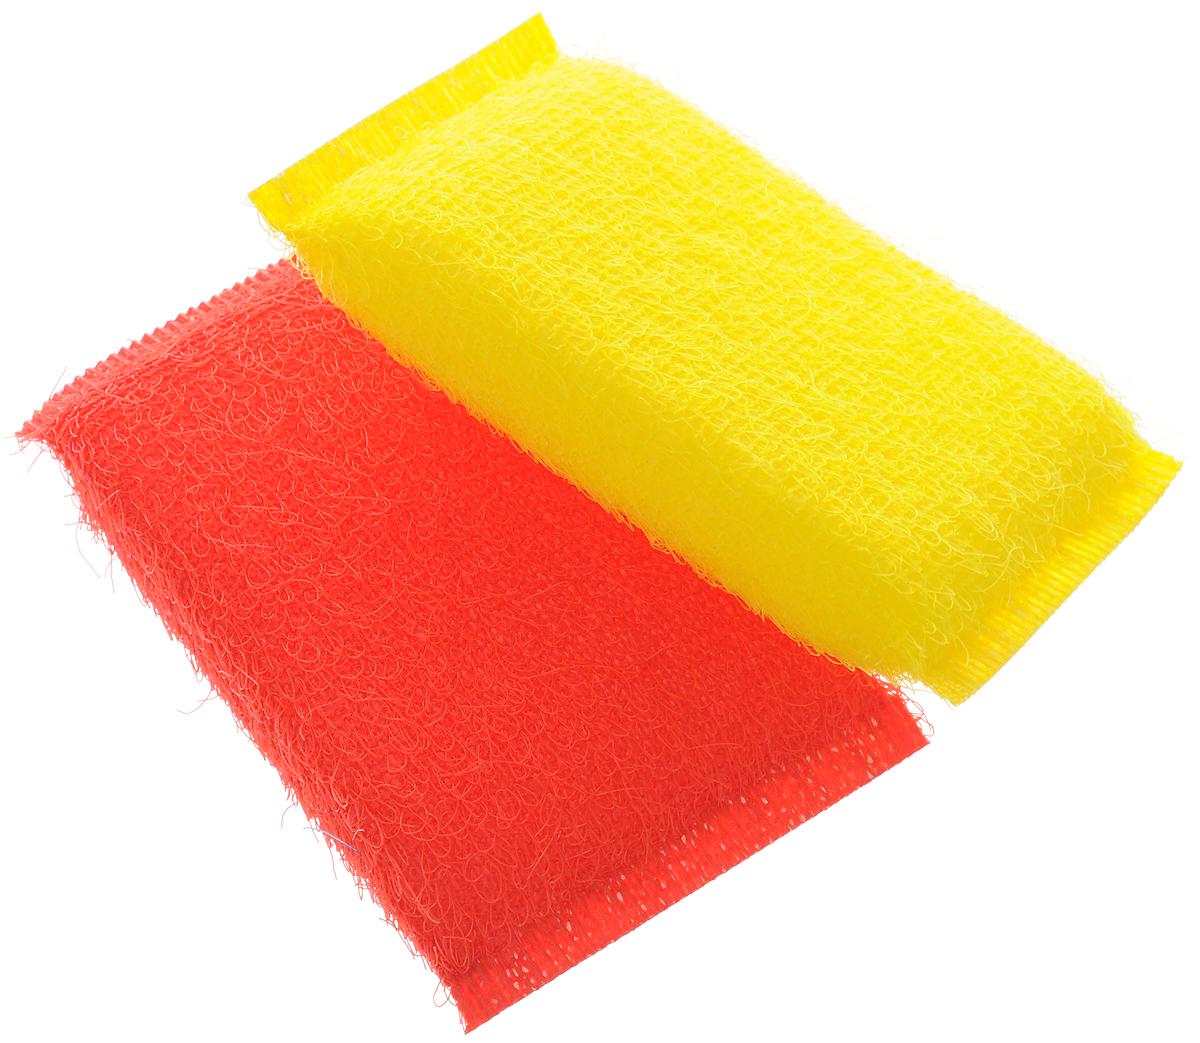 Губка для мытья посуды Хозяюшка Мила Кактус, цвет: желтый, красный, 2 шт1008_желтый, красныйНабор Хозяюшка Мила Кактус состоит из 2 губок. Губки предназначены для интенсивной чистки и удаления сильных загрязнений с посуды (противни, решетки-гриль, кастрюли). Губки сохраняют чистоту и свежесть даже после многократного применения, а их эргономичная форма удобна для руки. Не рекомендуется использовать для посуды с антипригарным покрытием. Размер губки: 12 х 2 х 8 см.